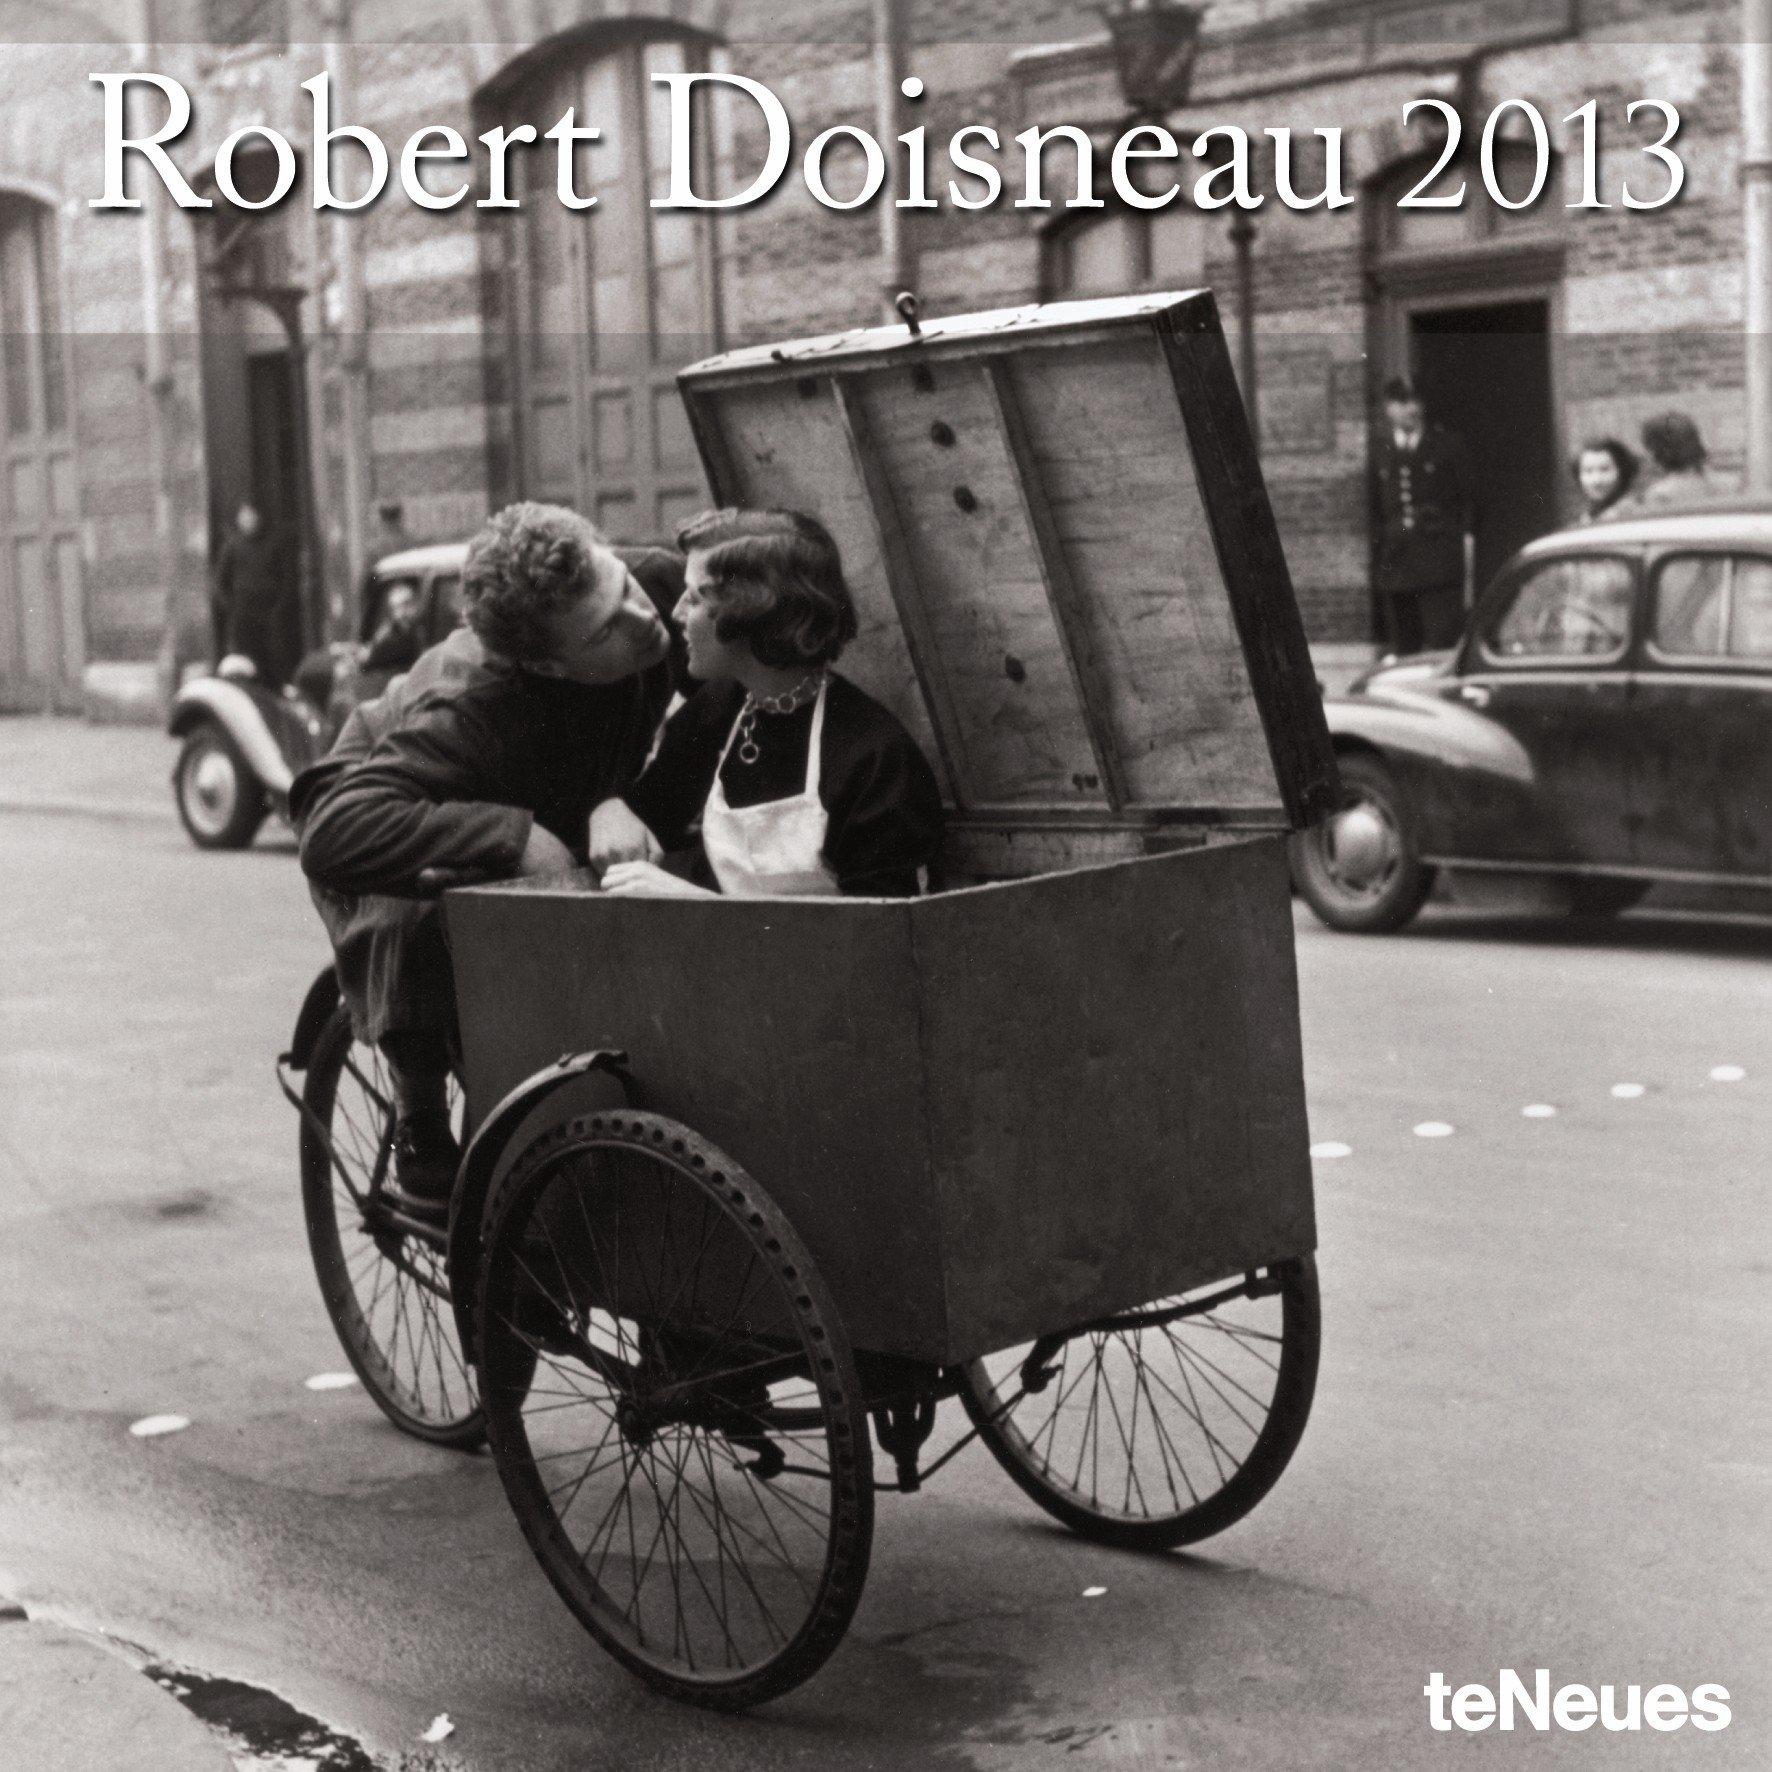 robert-doisneau-2013-broschrenkalender